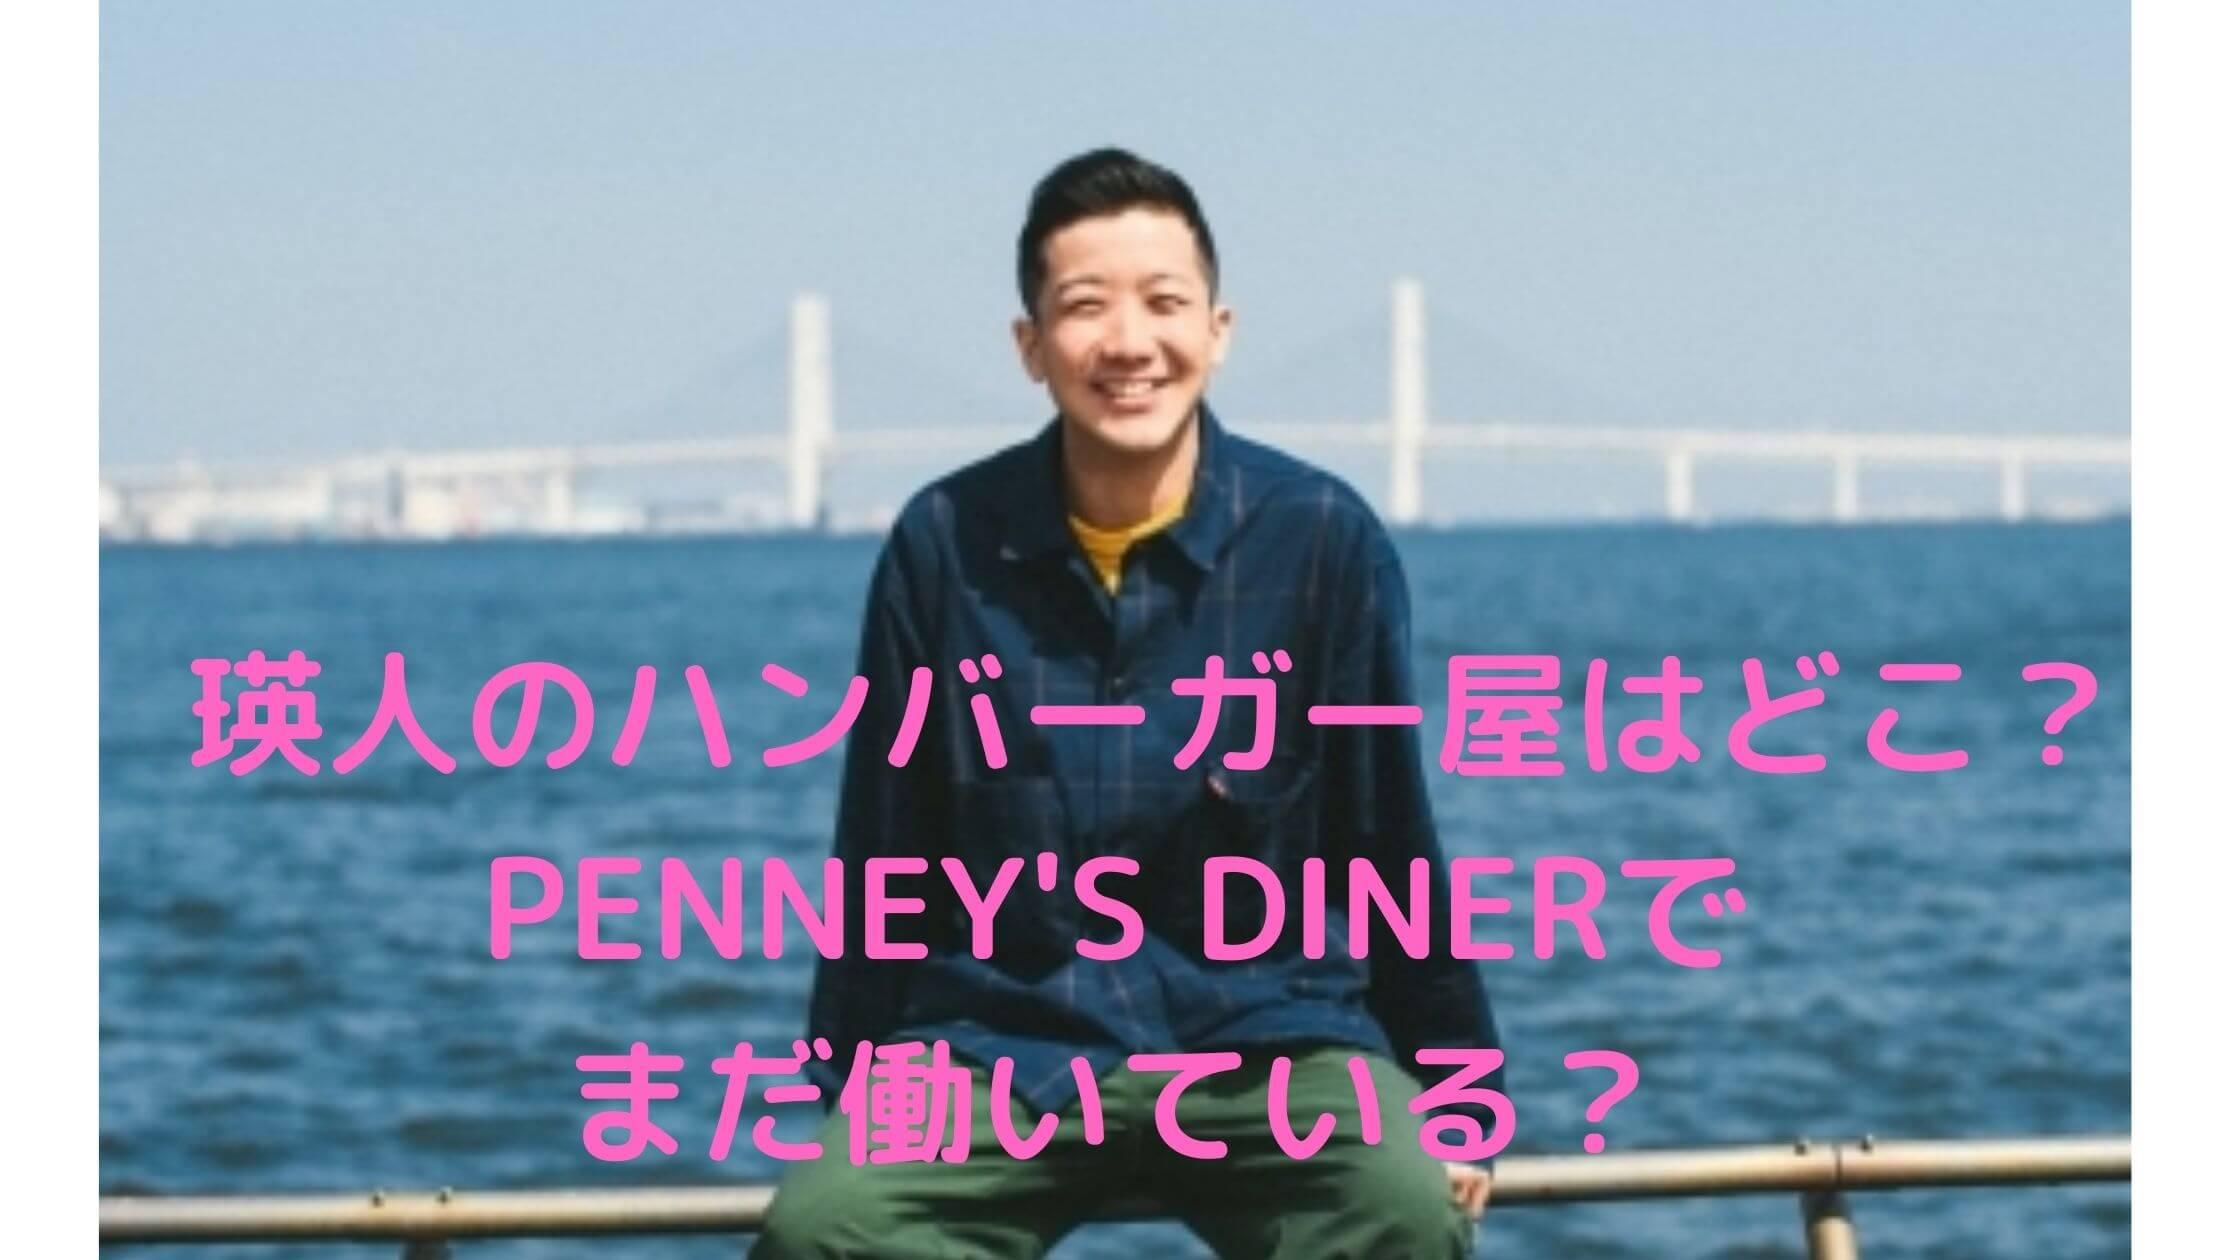 瑛人 ハンバーガー屋 バイト先 PENNEY'S DINER